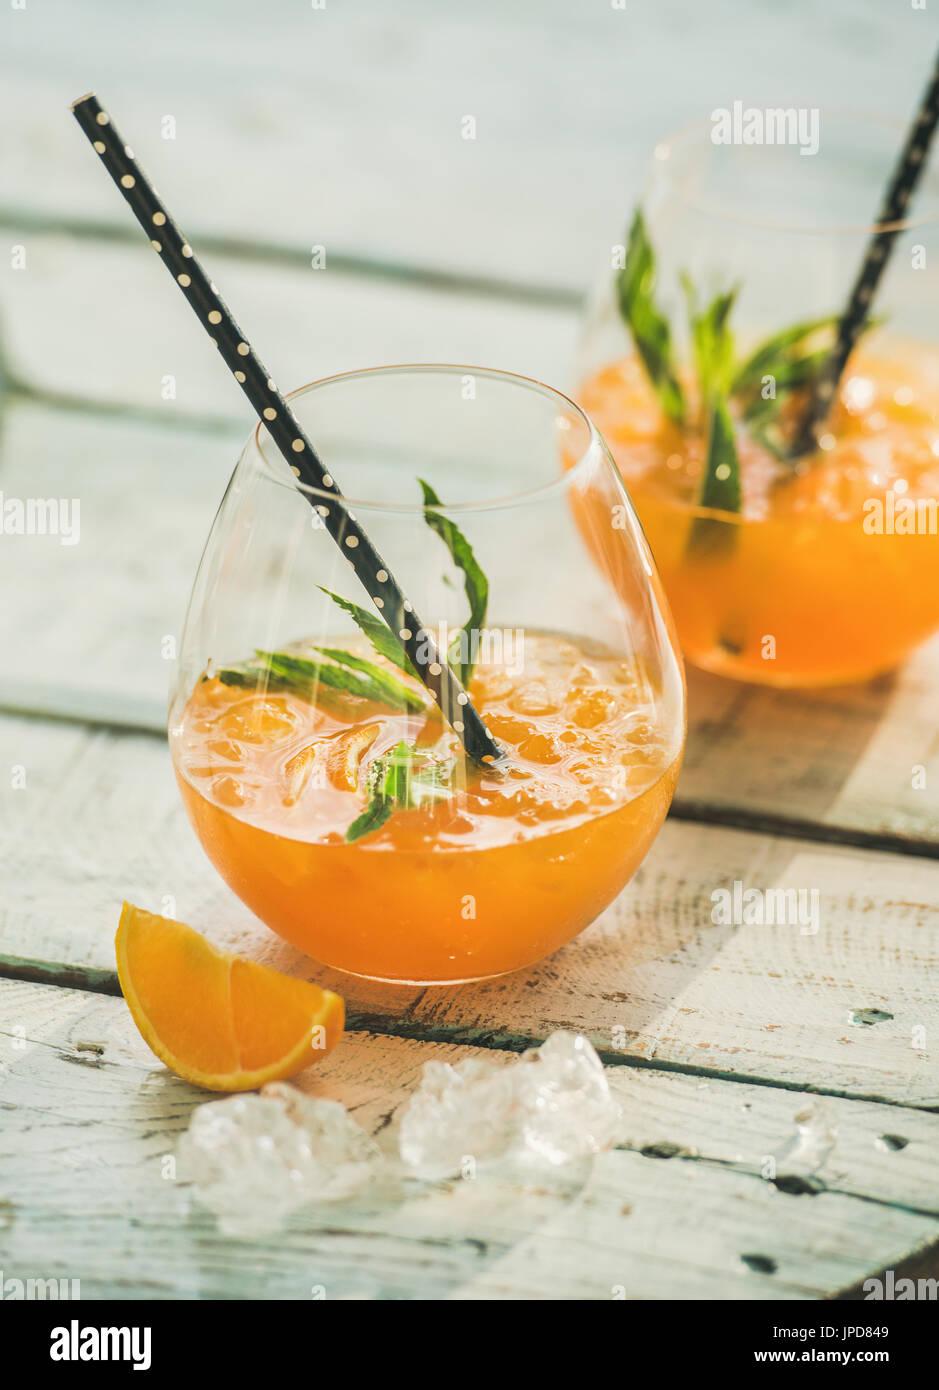 Boissons froides rafraîchissantes d'agrumes avec orange cocktail d'été Banque D'Images